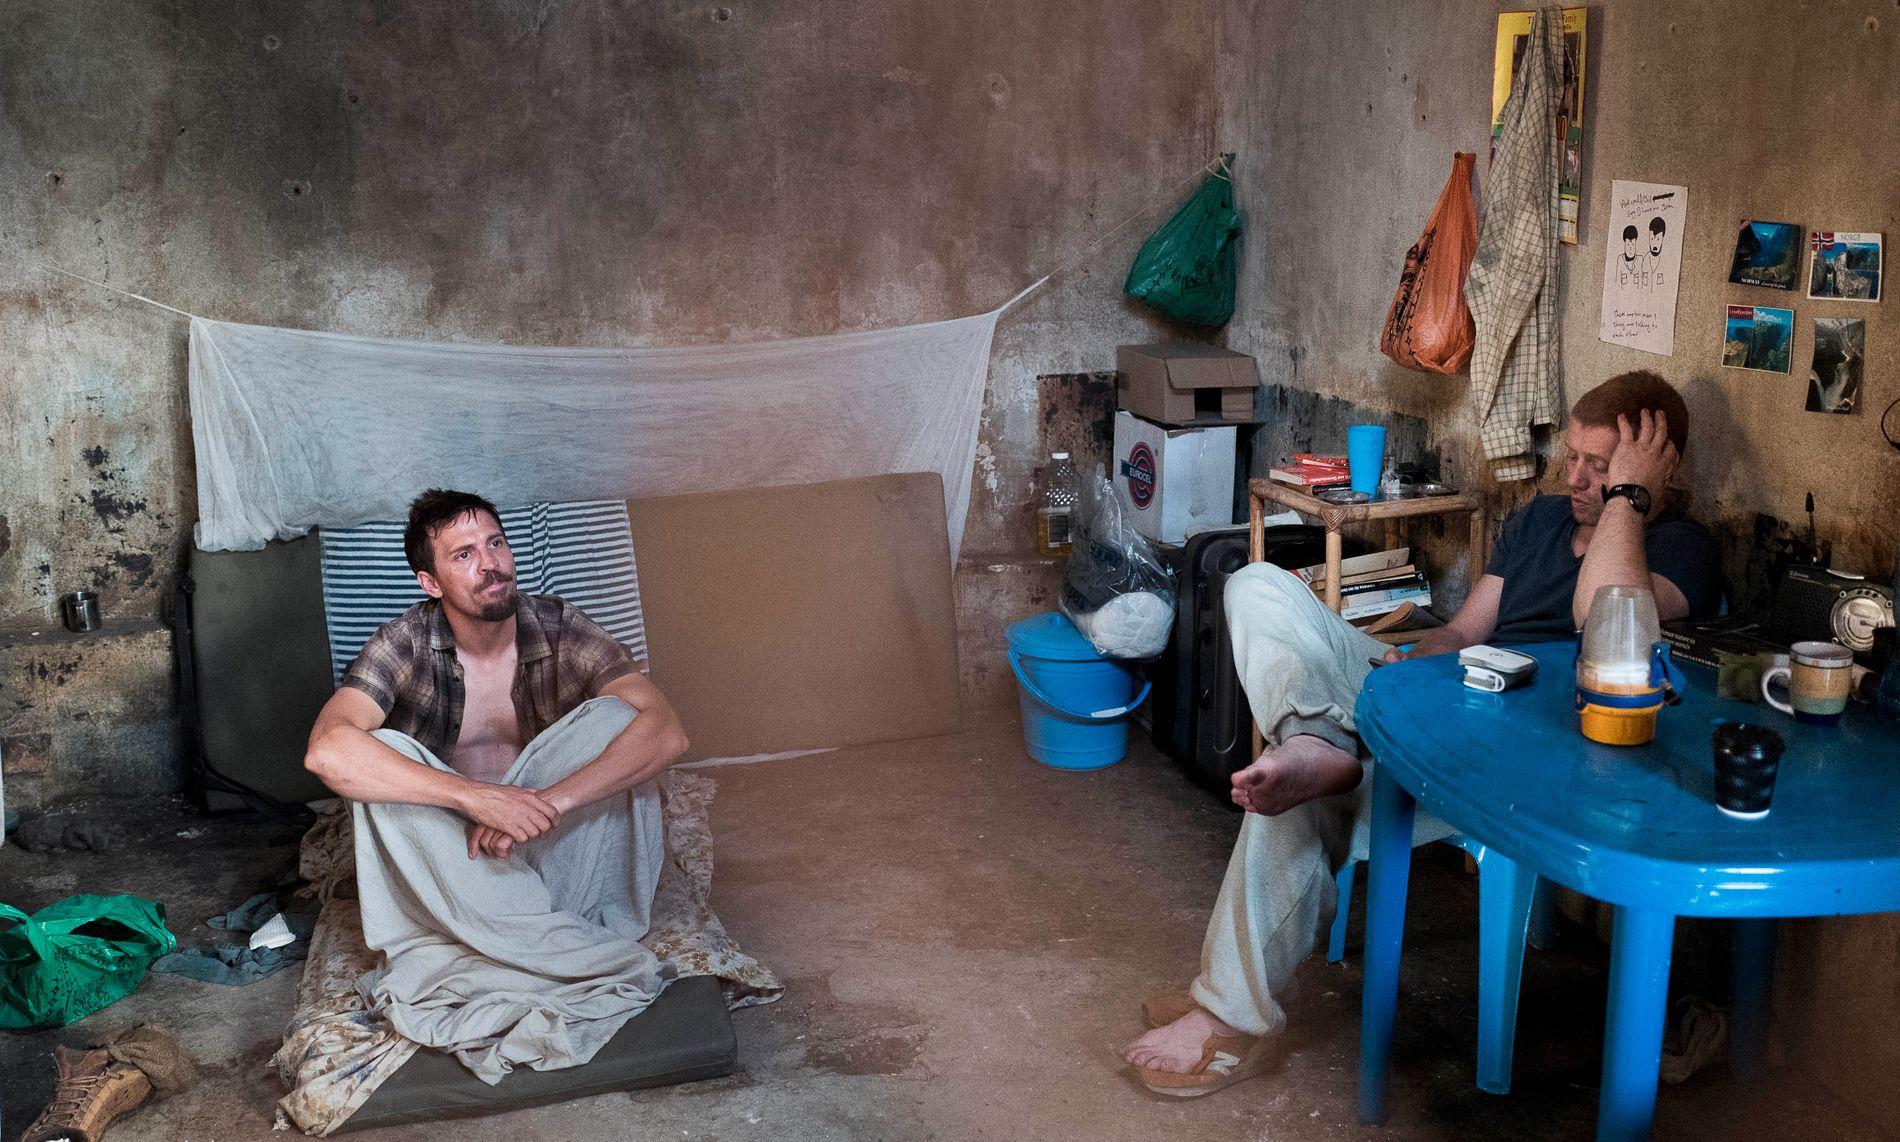 FIKSJON ELLER FAKTA: Handlingen i filmen «Mordene i Kongo» ligger tett opp til virkeligheten. Her er Tjostolv Moland (Tobias Santelmann) og Joshua French (Aksel Hennie) i en scene som skal være fra cellen i Kisangani i Kongo.